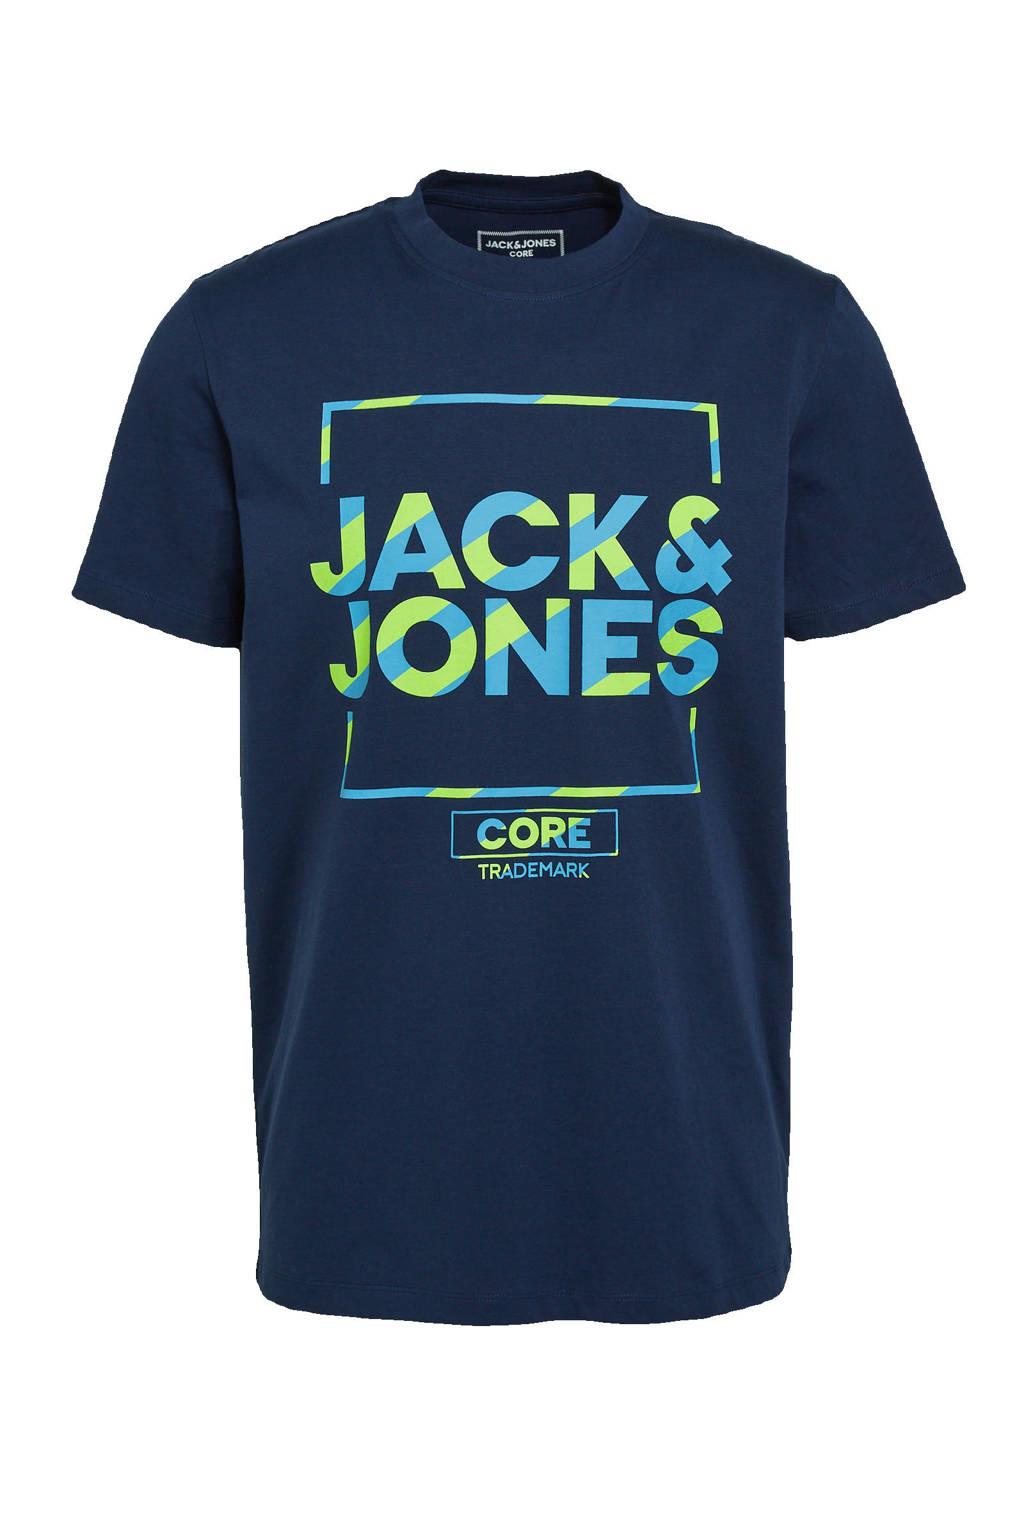 JACK & JONES CORE T-shirt Flash met logo navy blazer, Navy Blazer